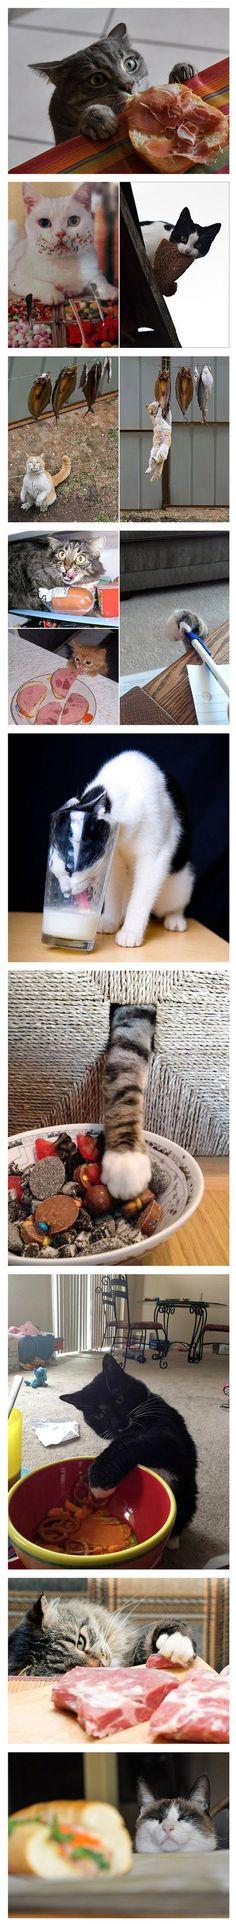 Gatos robando comida creen que nadie los están viendo pues ¡¡¡¡Se equivocan gatos !!!!!